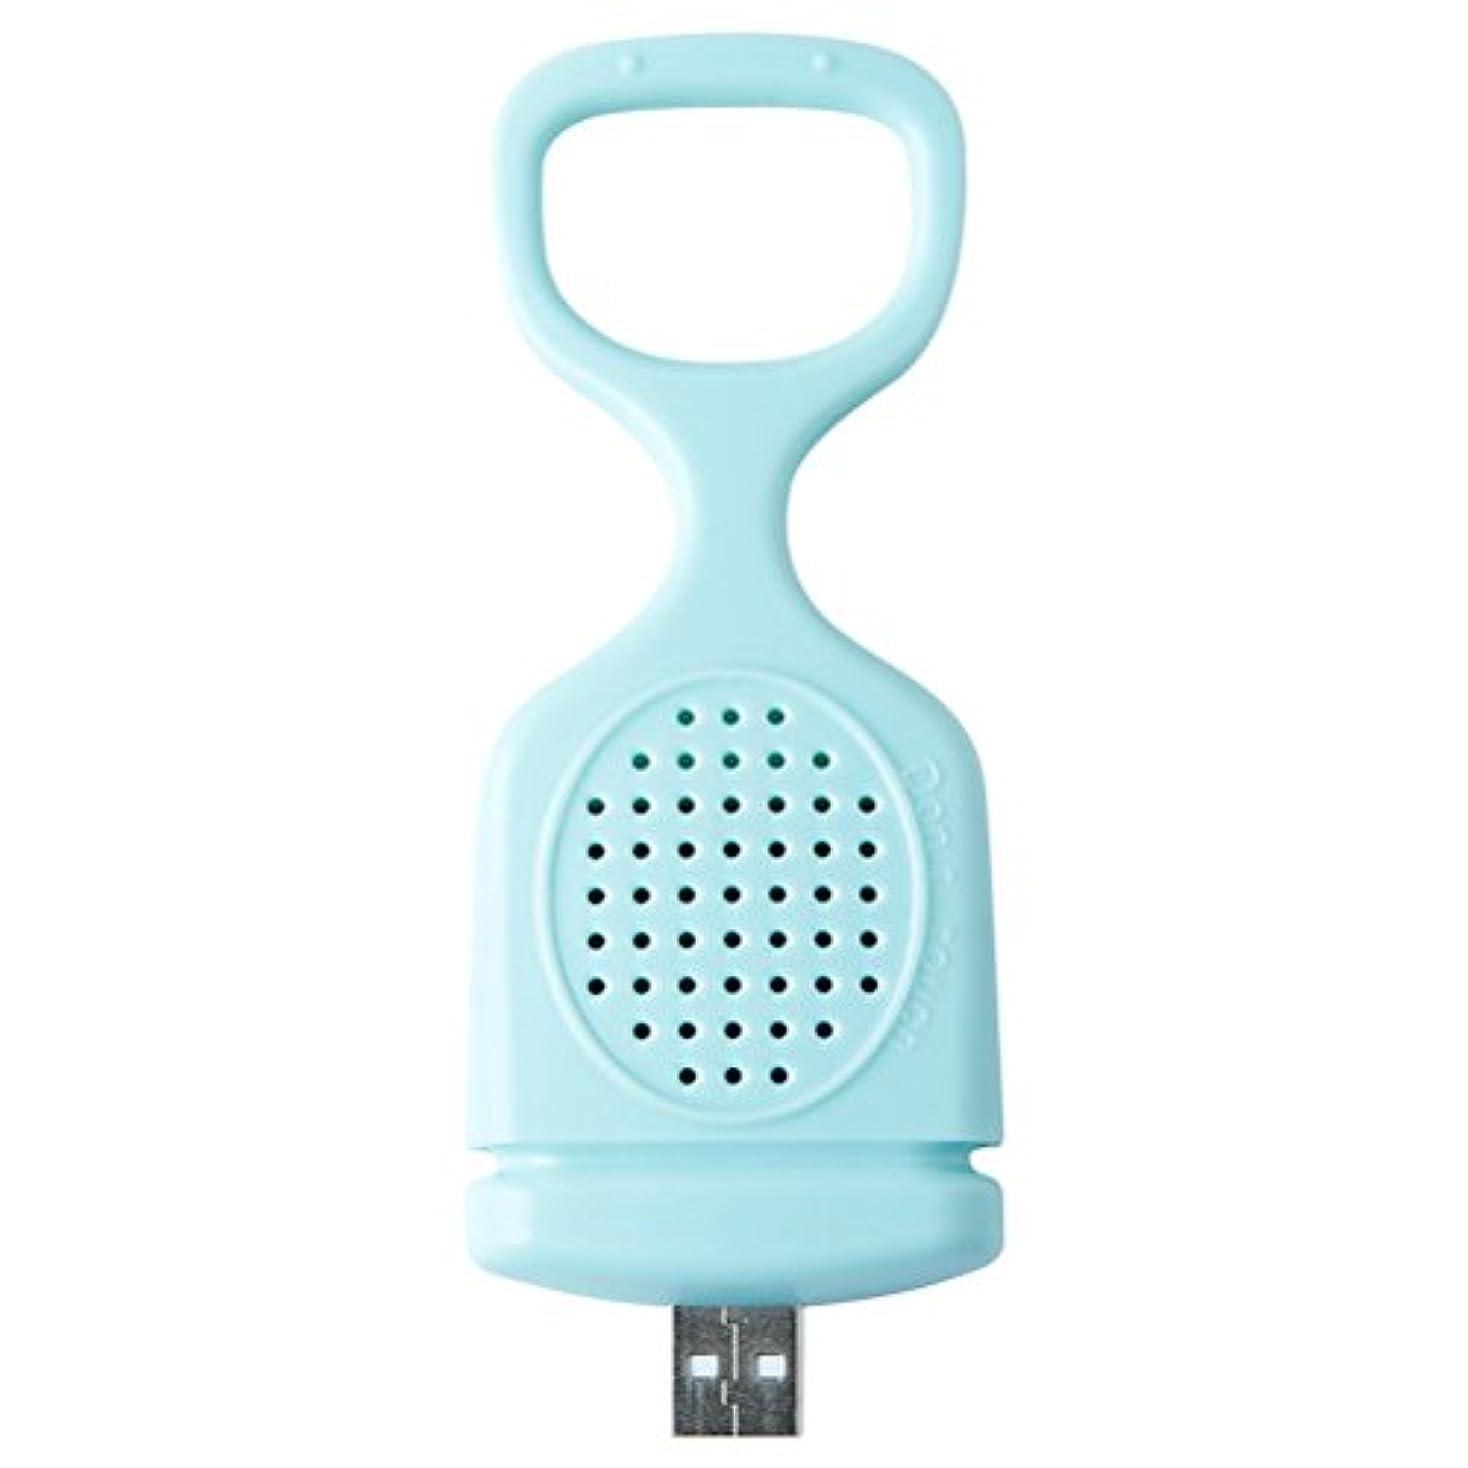 きらめく不快な教育者WINOMO ミニ蚊キラー USB電気忌避キラー 蚊の香りヒーター モスキートキラートラップ(グリーン)